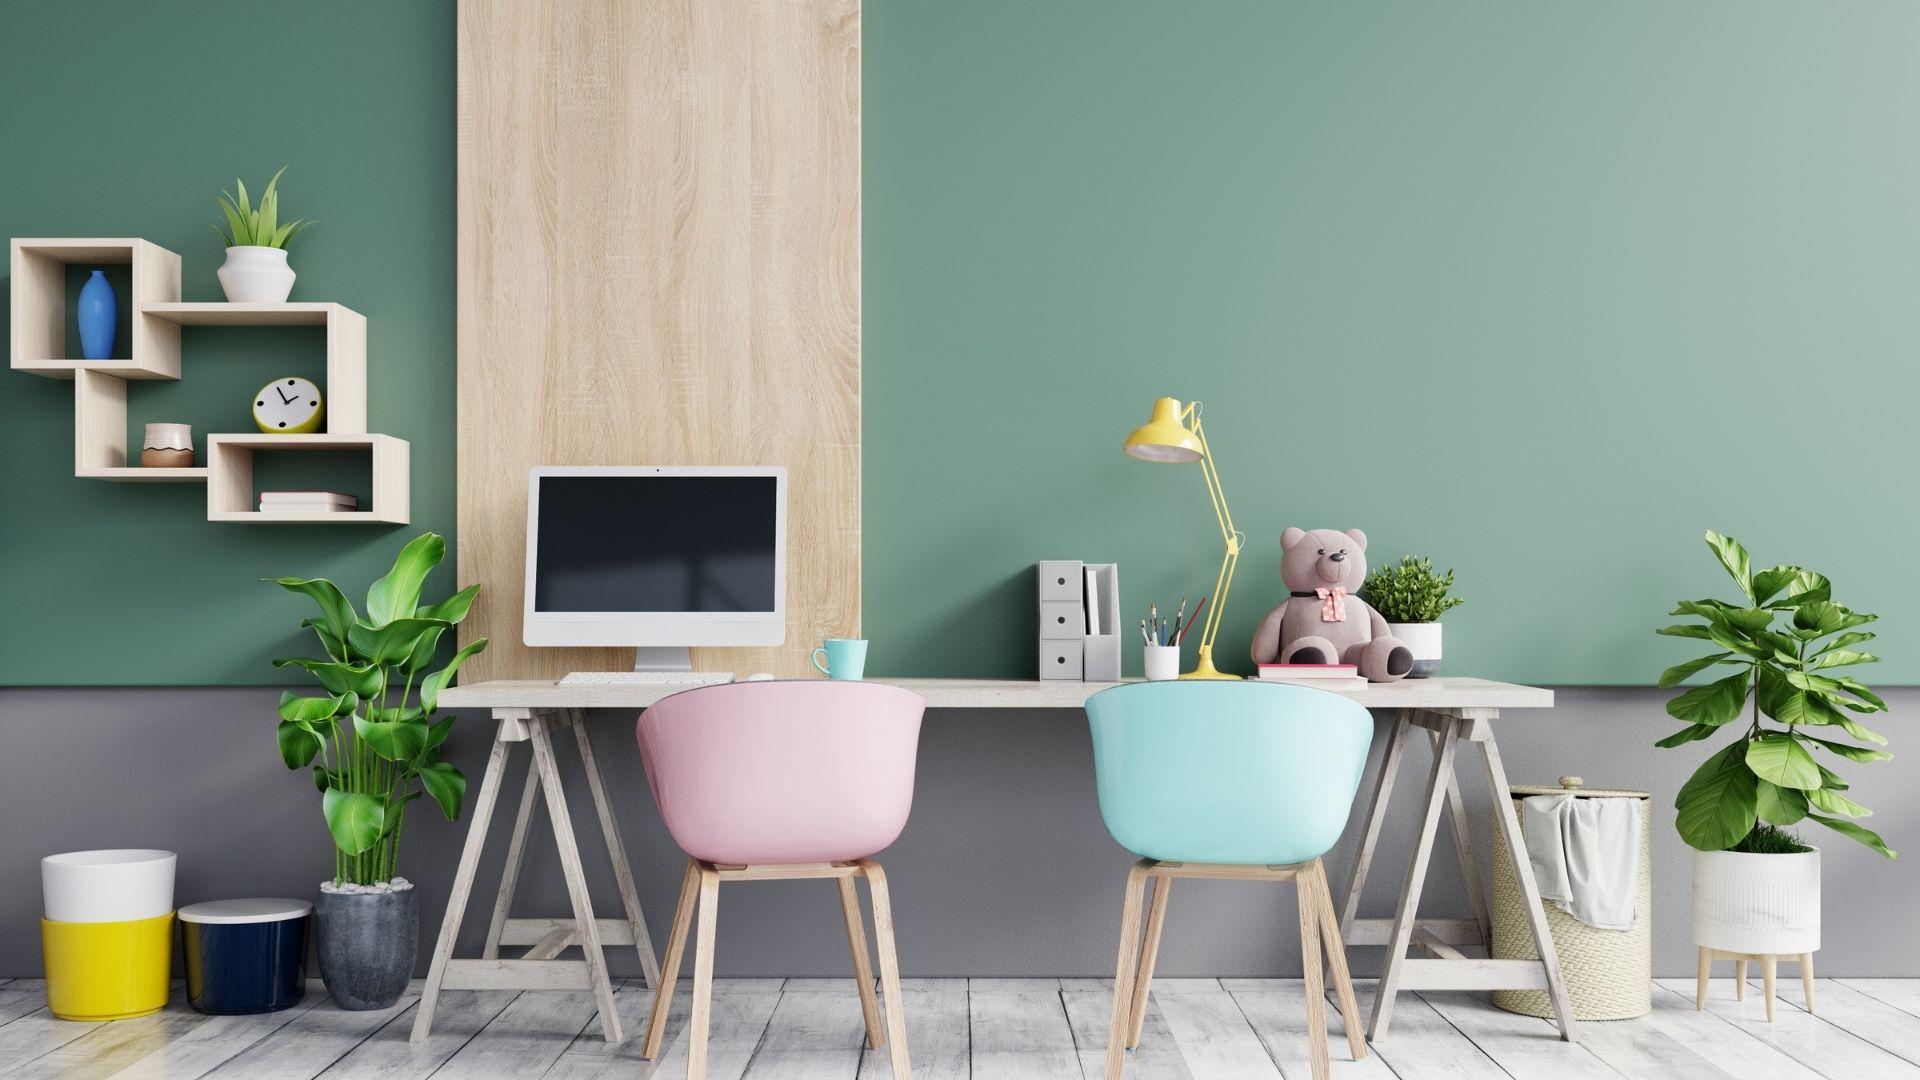 escritório na sala escolha dos móveis